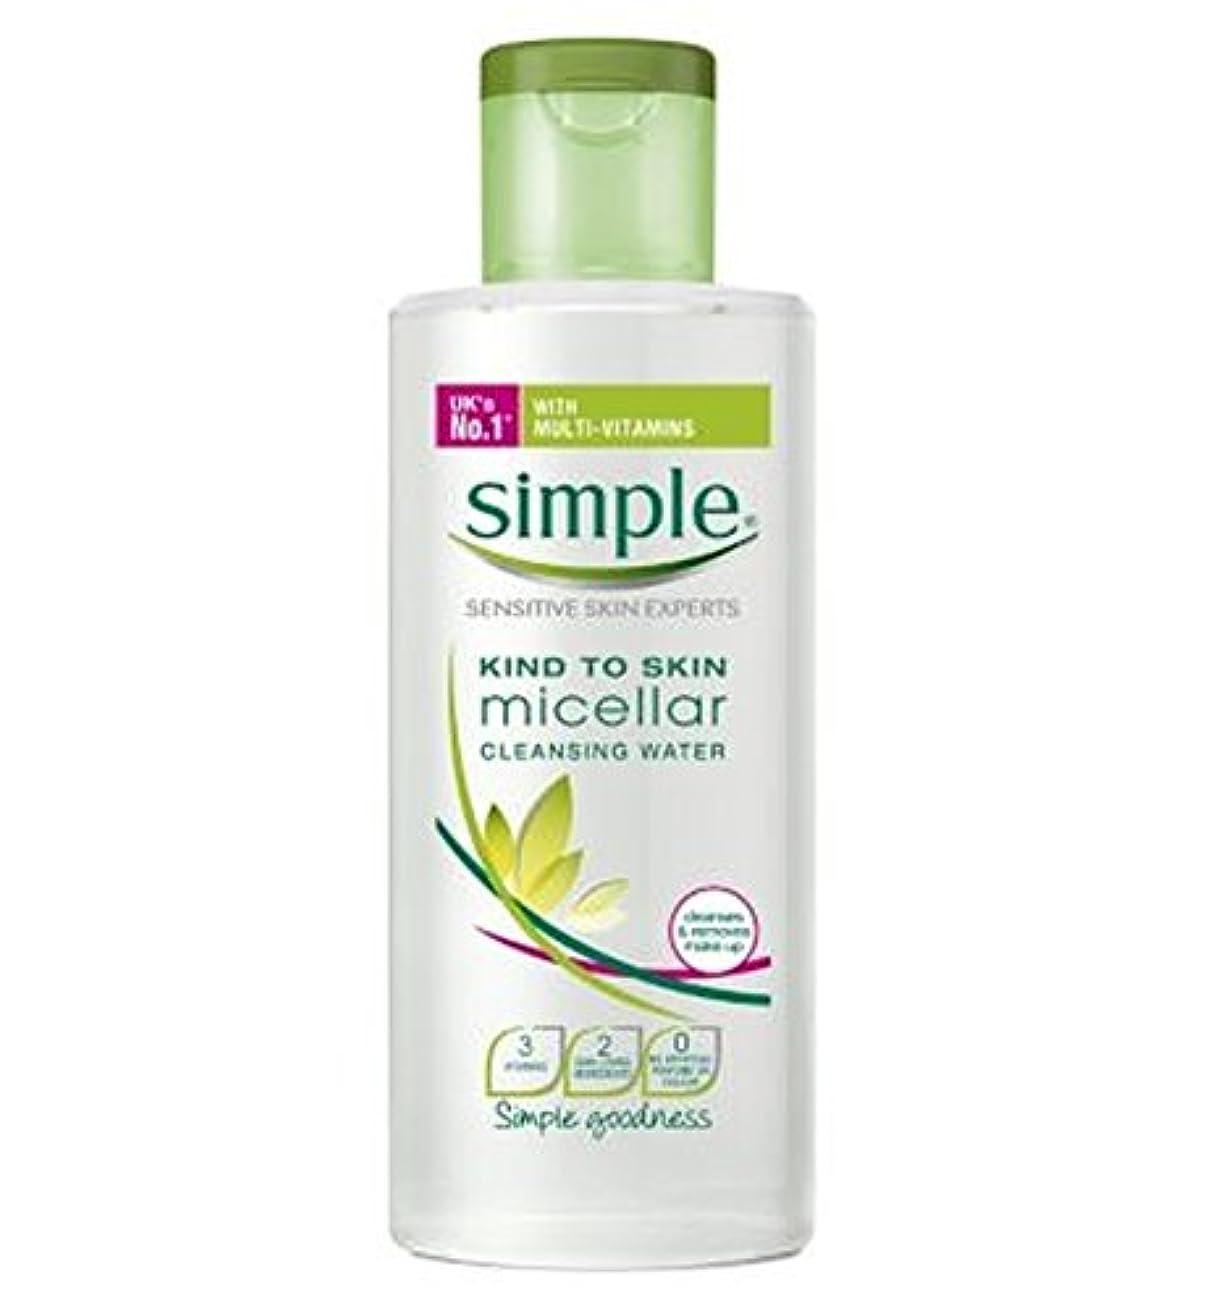 ソブリケットいちゃつく機密Simple Kind To Skin Micellar Cleansing Water 200ml - 皮膚ミセル洗浄水200ミリリットルに簡単な種類 (Simple) [並行輸入品]